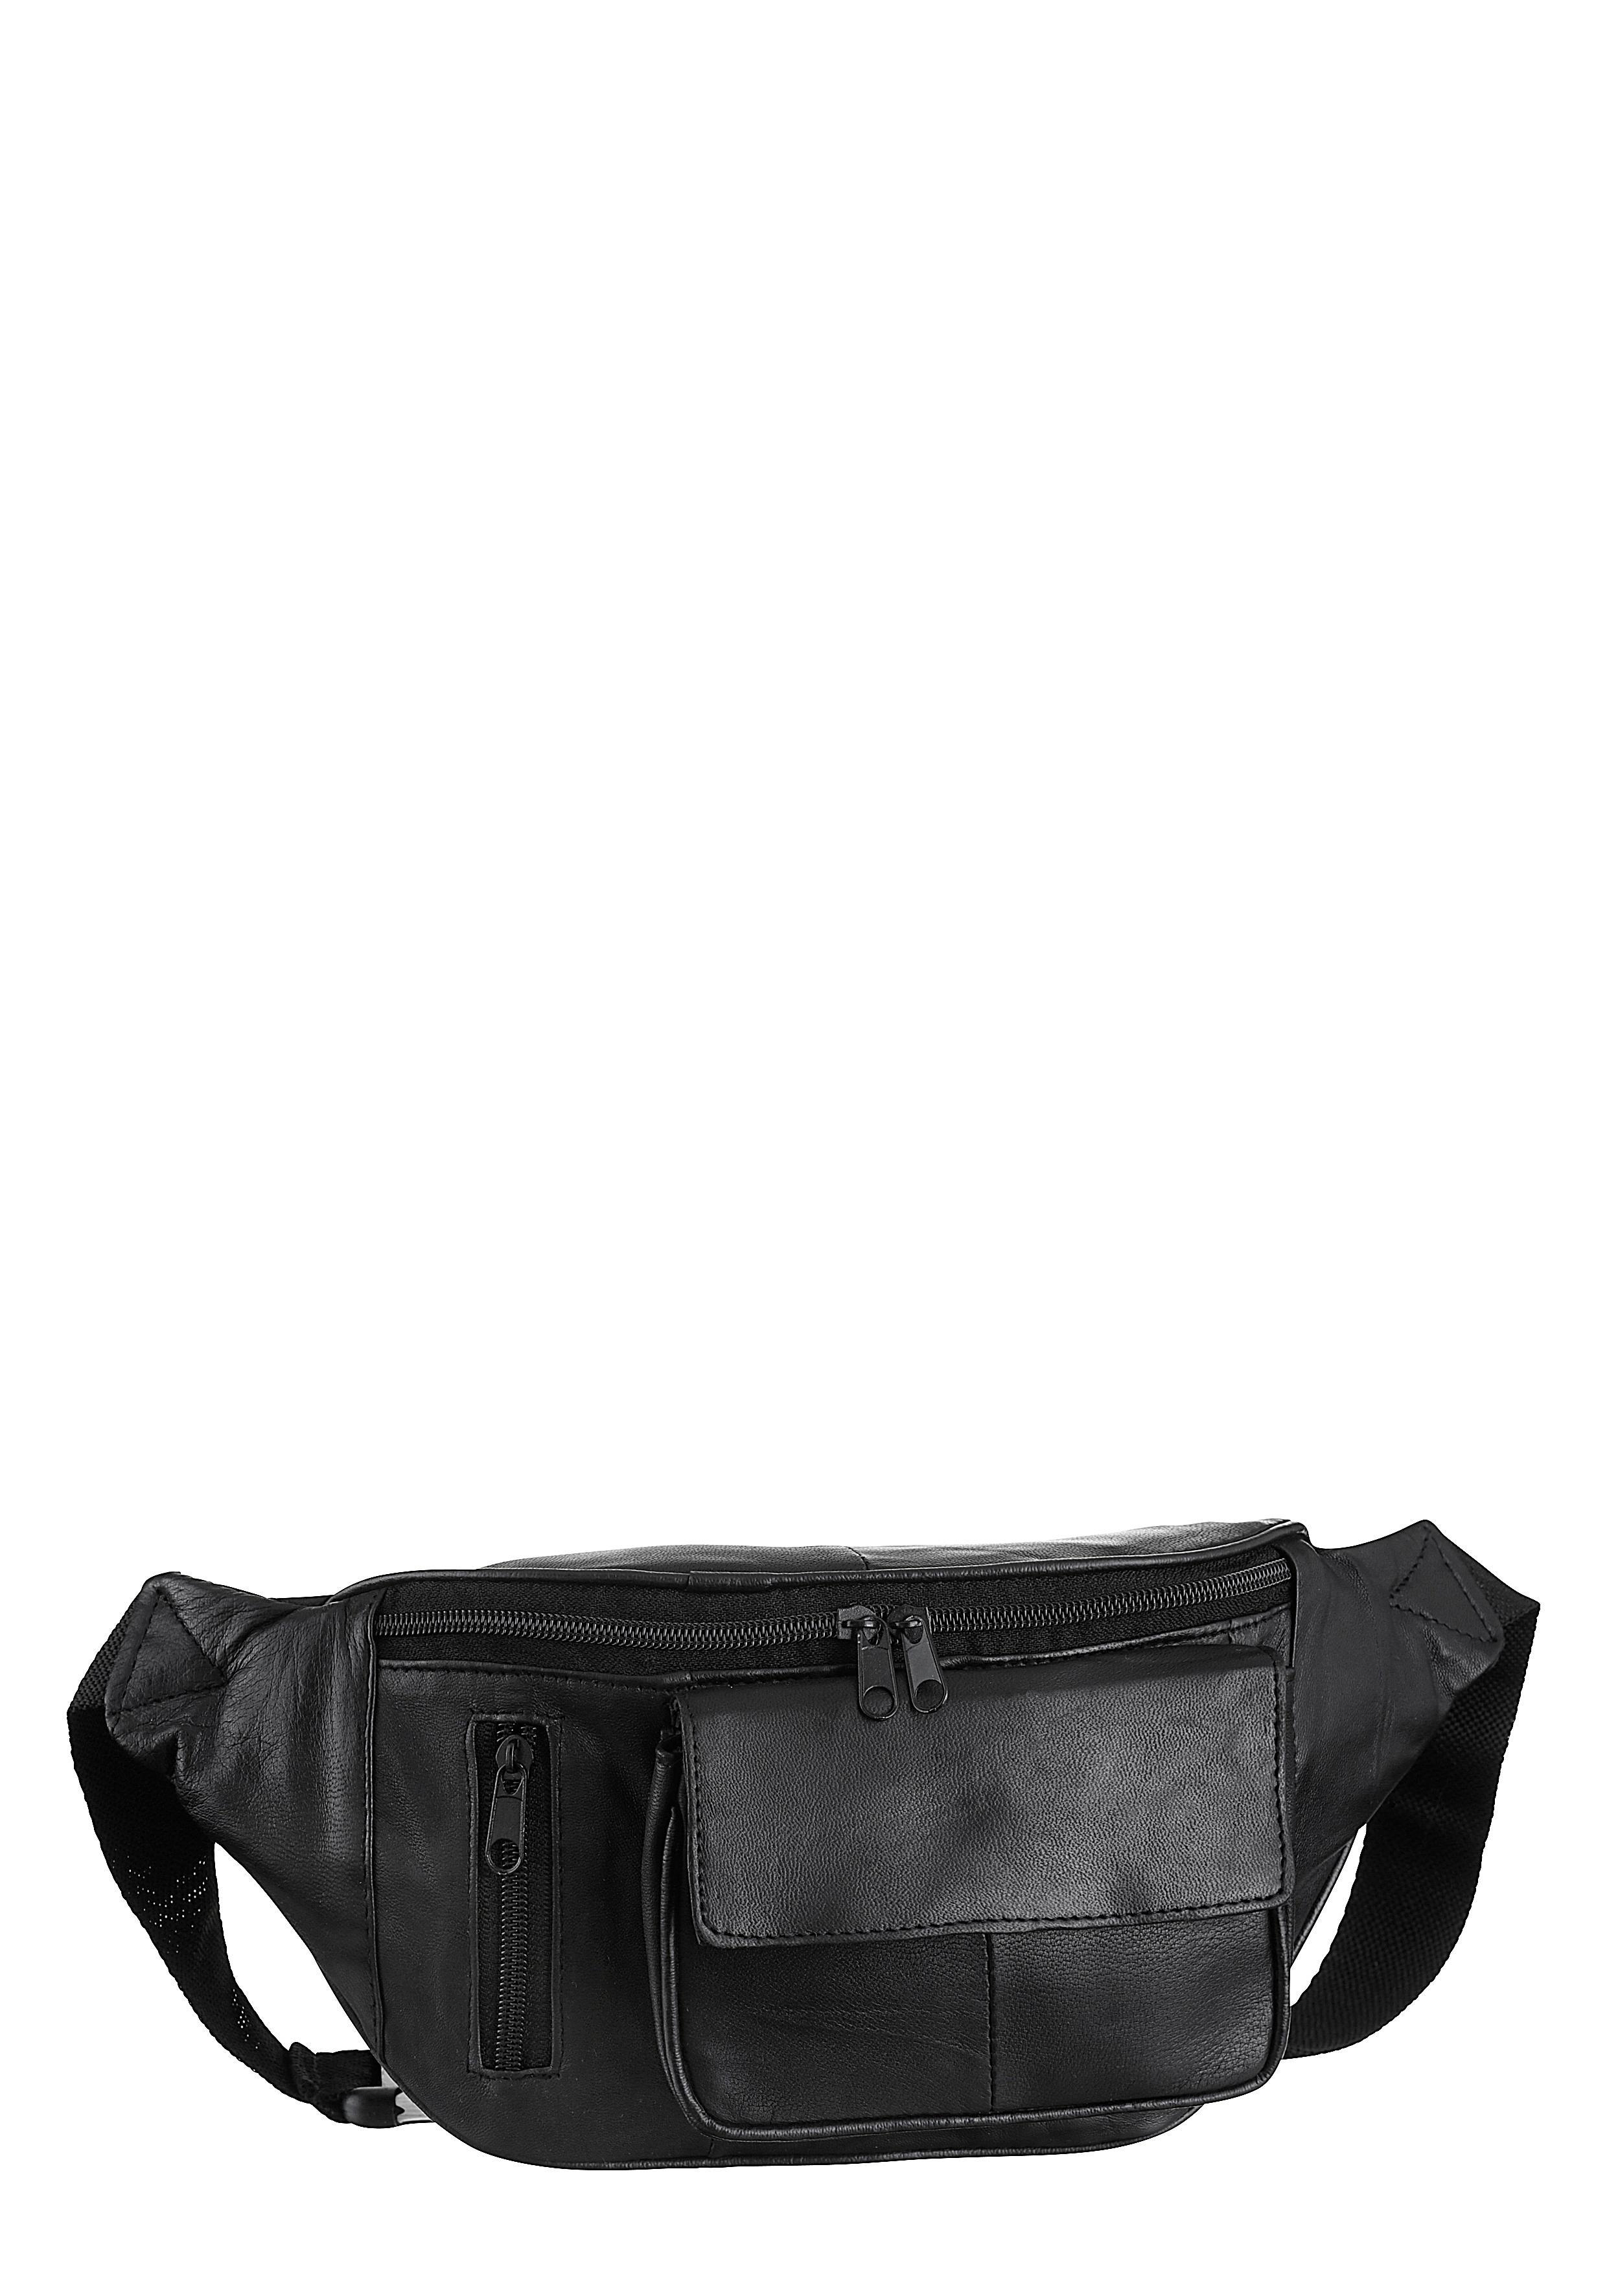 J.Jayz Gürteltasche, mit vielen Fächern und Täschchen schwarz Damen Handtaschen Taschen Gürteltasche